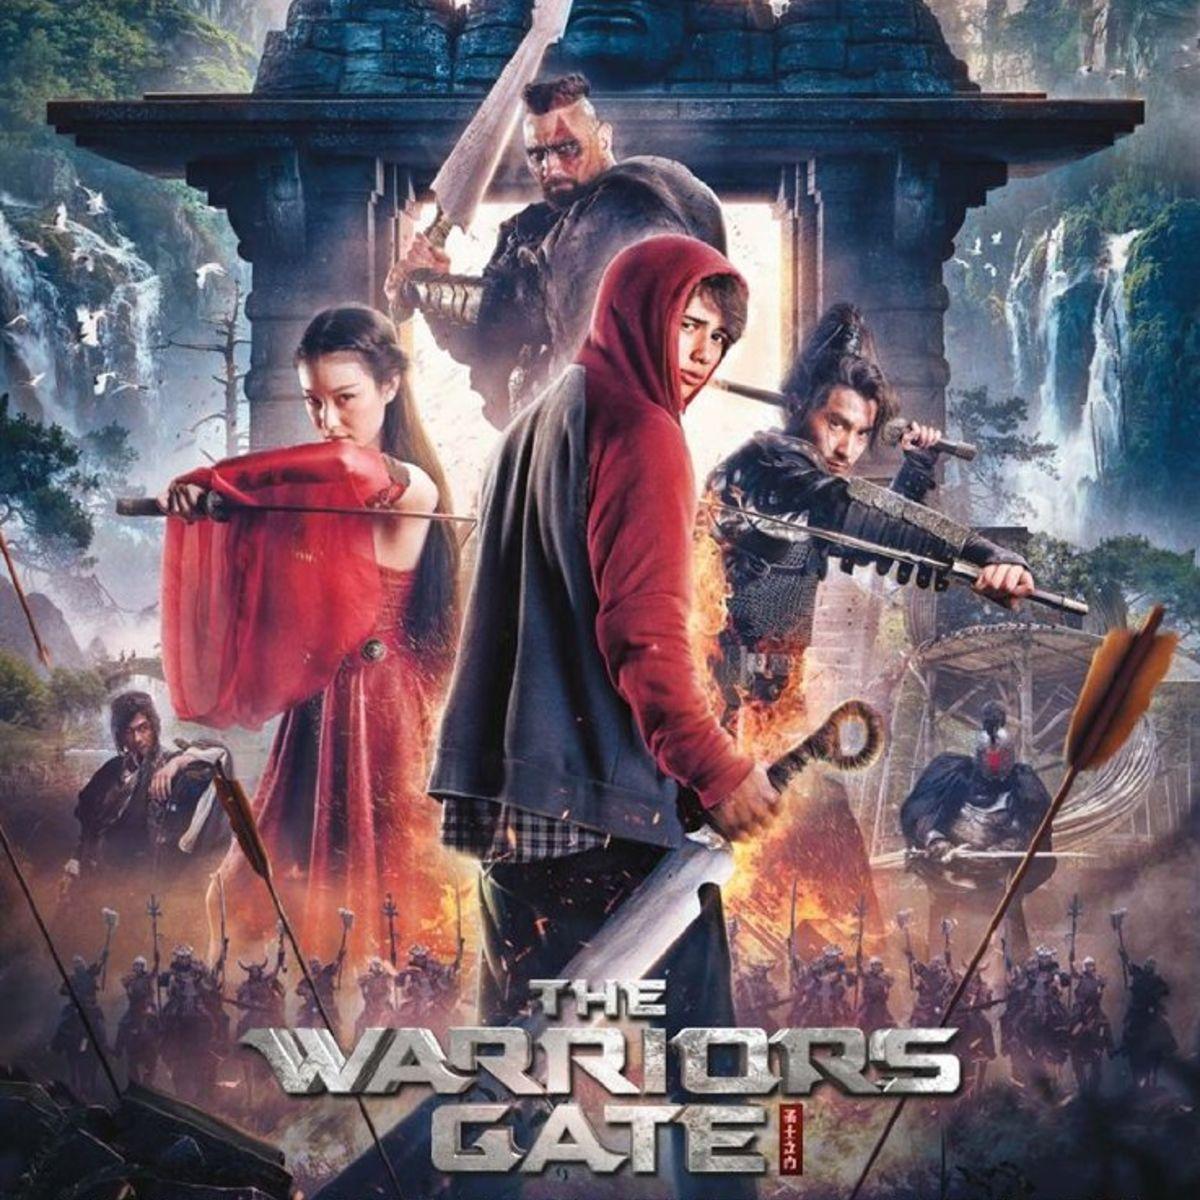 Enter-the-Warriors-Gate-poster_.jpg